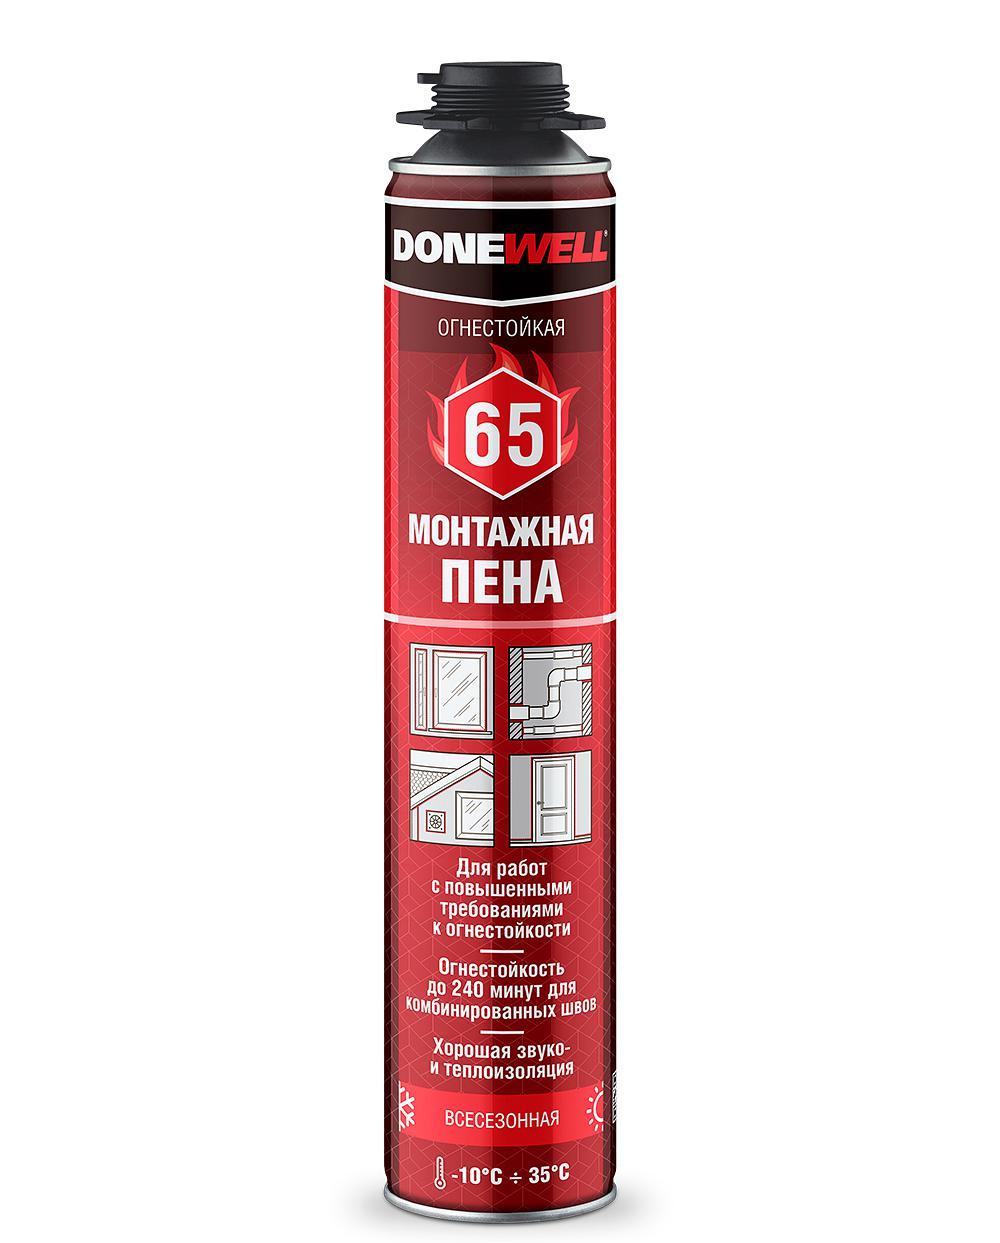 Огнестойкая монтажная профессиональная пена DONEWELL 65 DPPF10U65